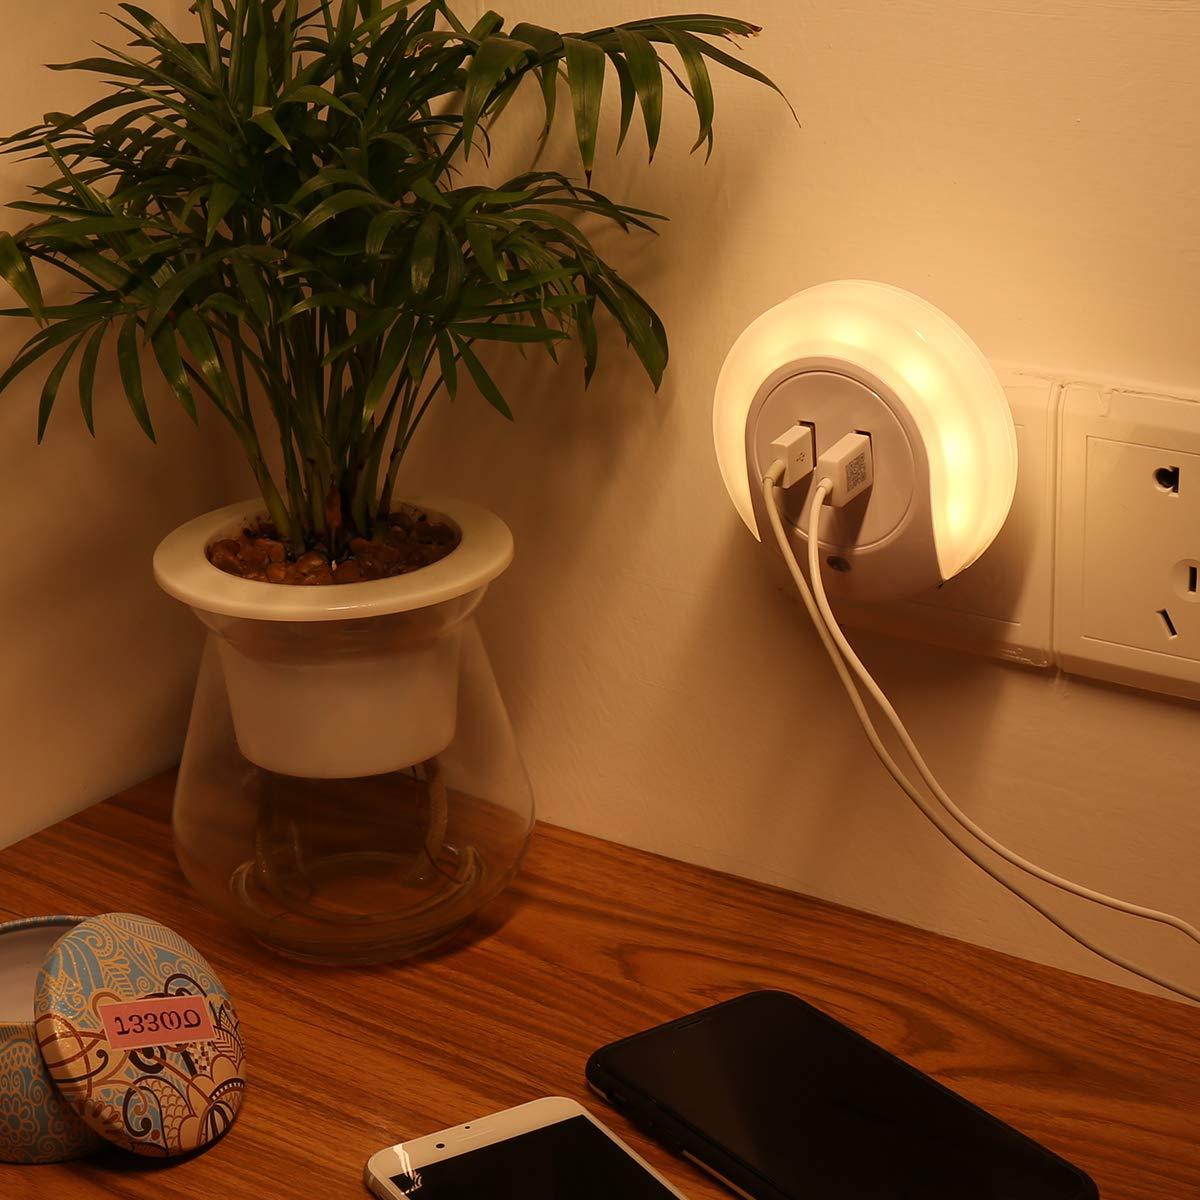 DIGGRO LED Luz nocturna inteligente con sensor automático de crepúsculo y amanecer y 5V 2A Cargador dual de placa de pared USB perfecto para la habitación de bebé Baño Dormitorio Cocina de pasillo [Clase de eficiencia energética A+]